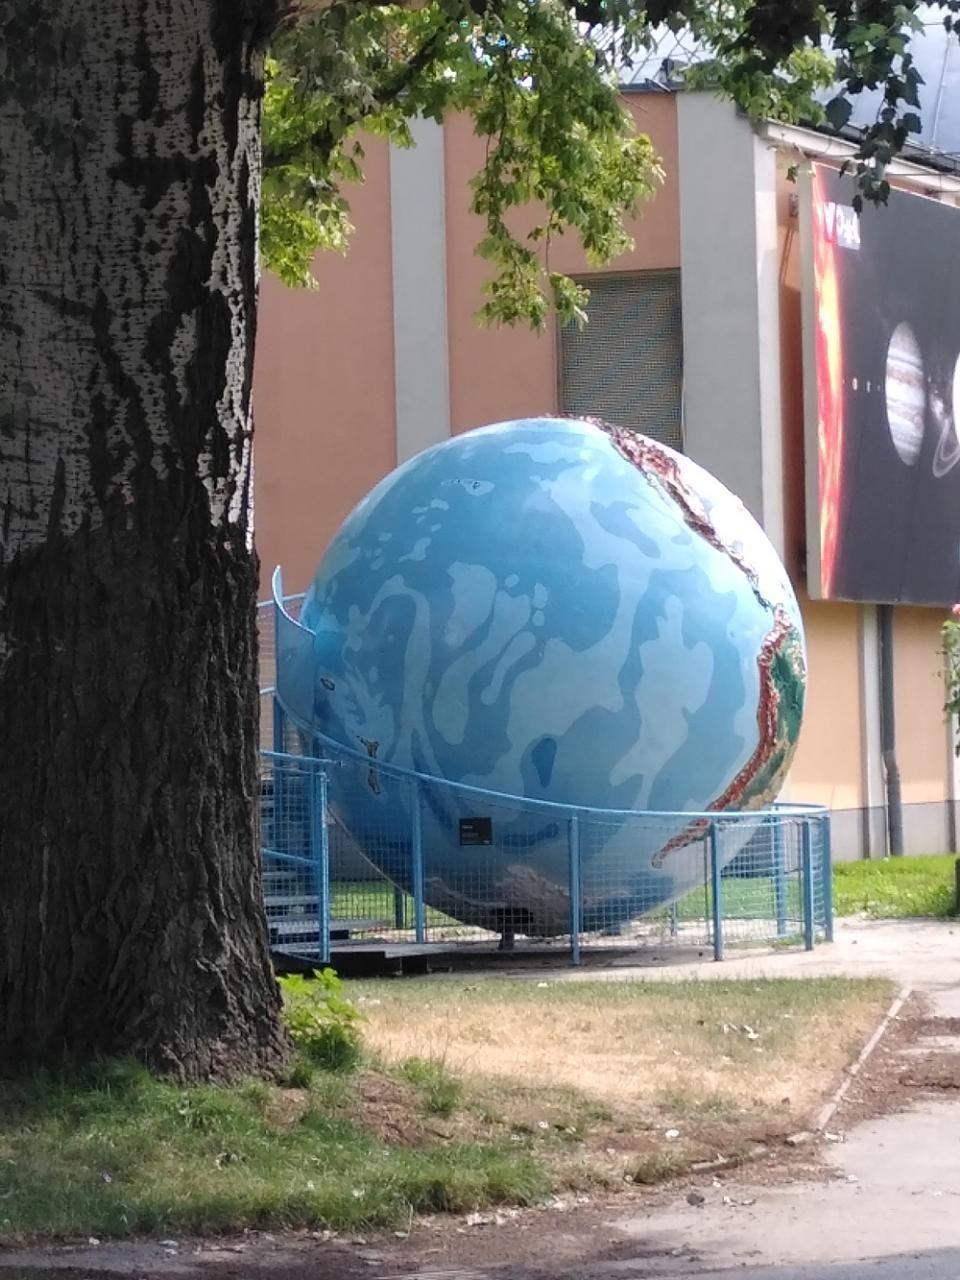 #ContemporaryArt! Globus vor der Sternwarte spotted by TheOSWR in @ArtSpotsApp